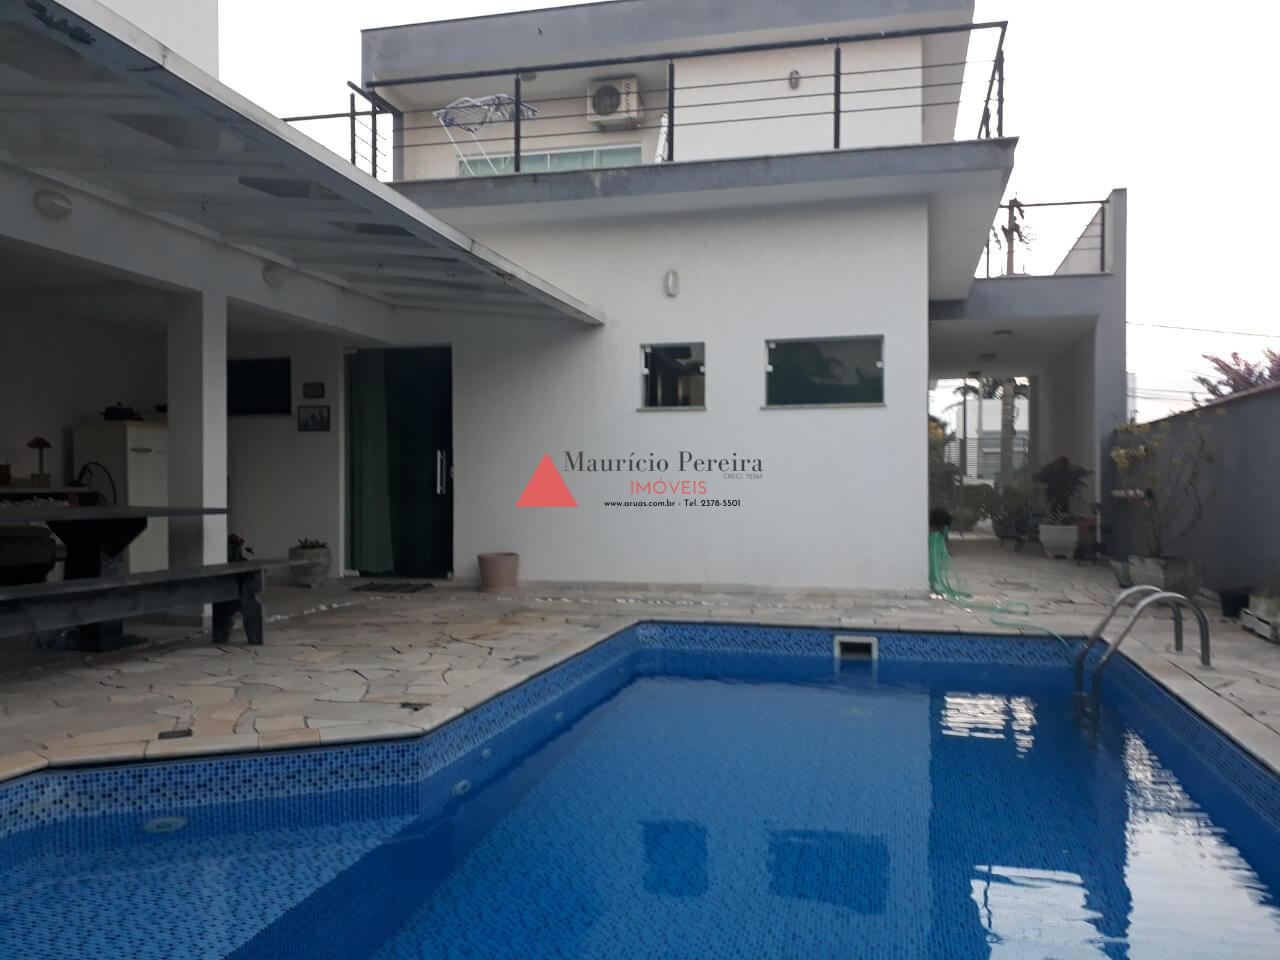 Casa Aruã Piscina Aquecida